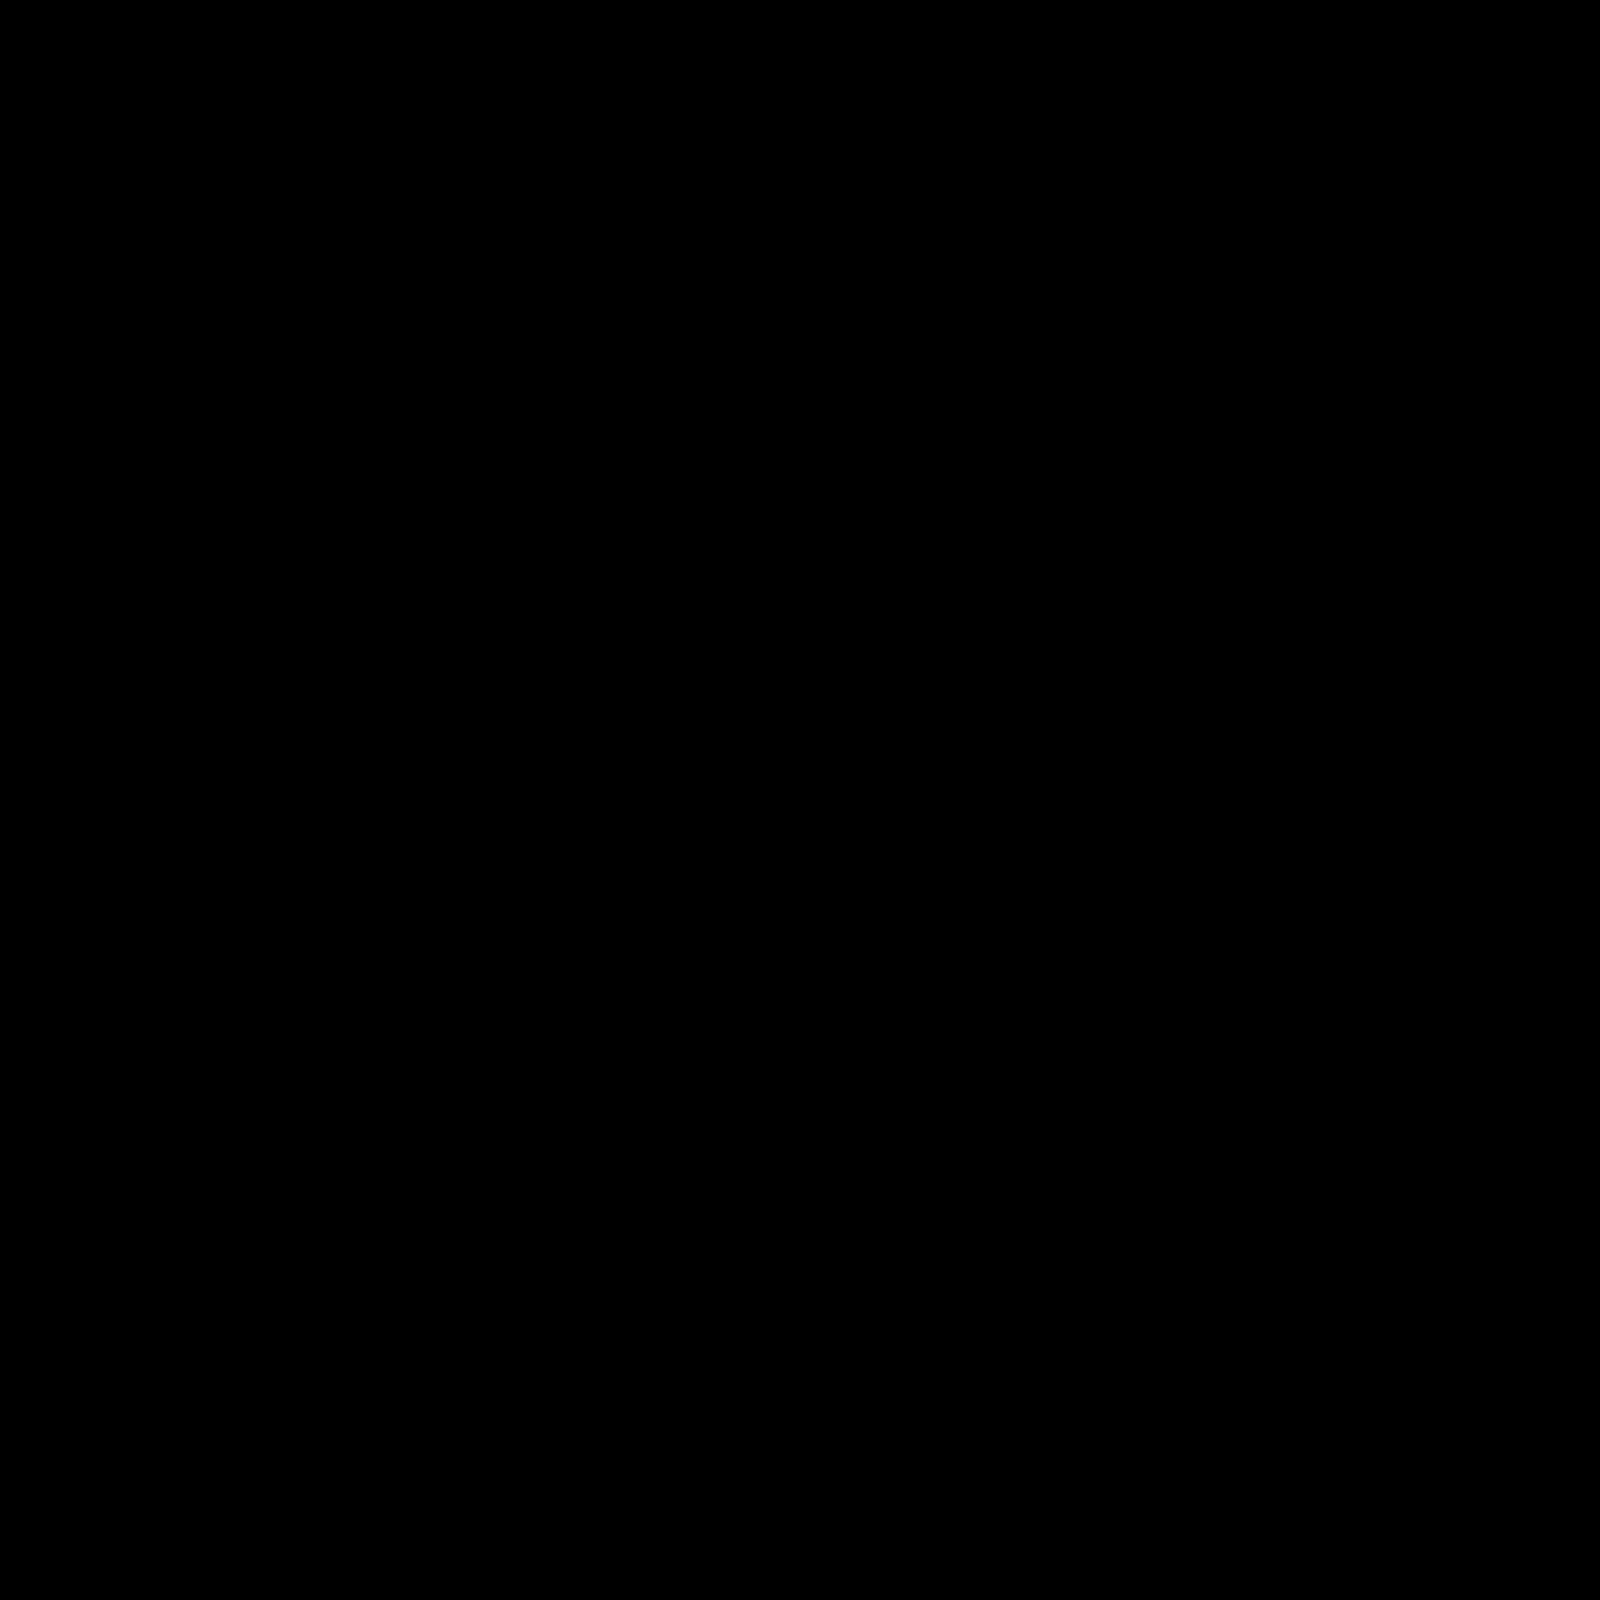 Enregistrer et fermer icon